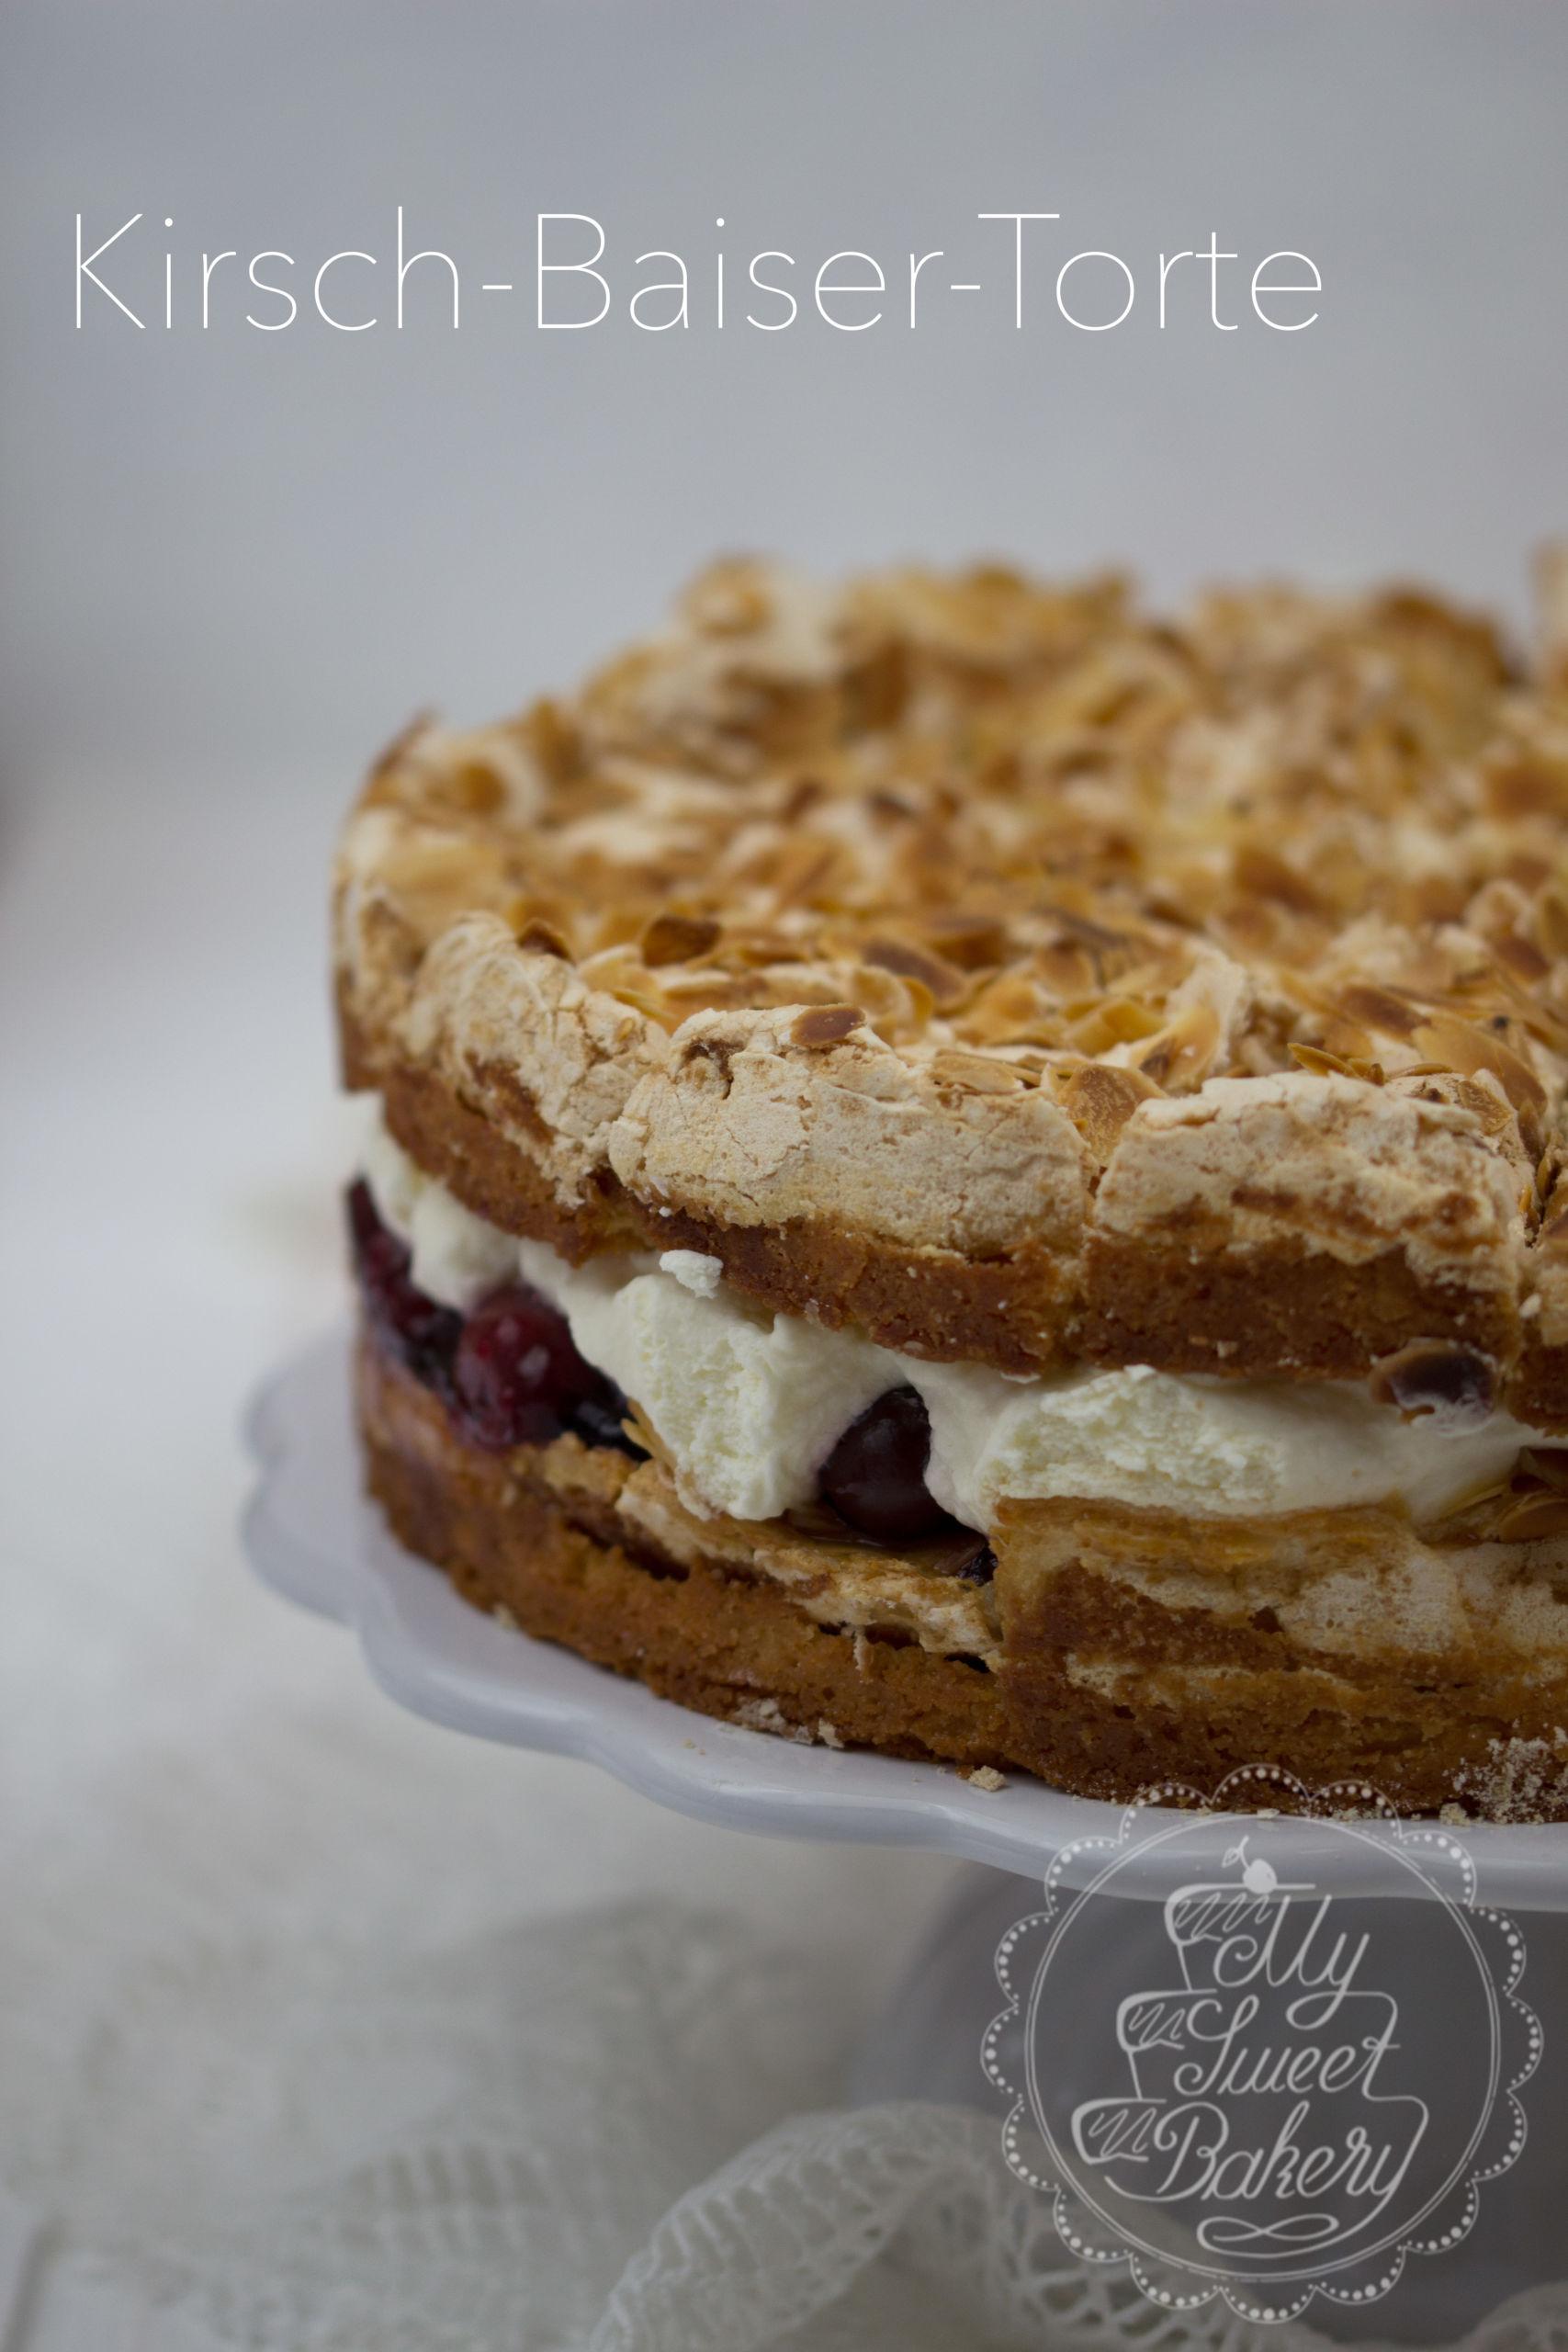 kirsch-baiser-torte6